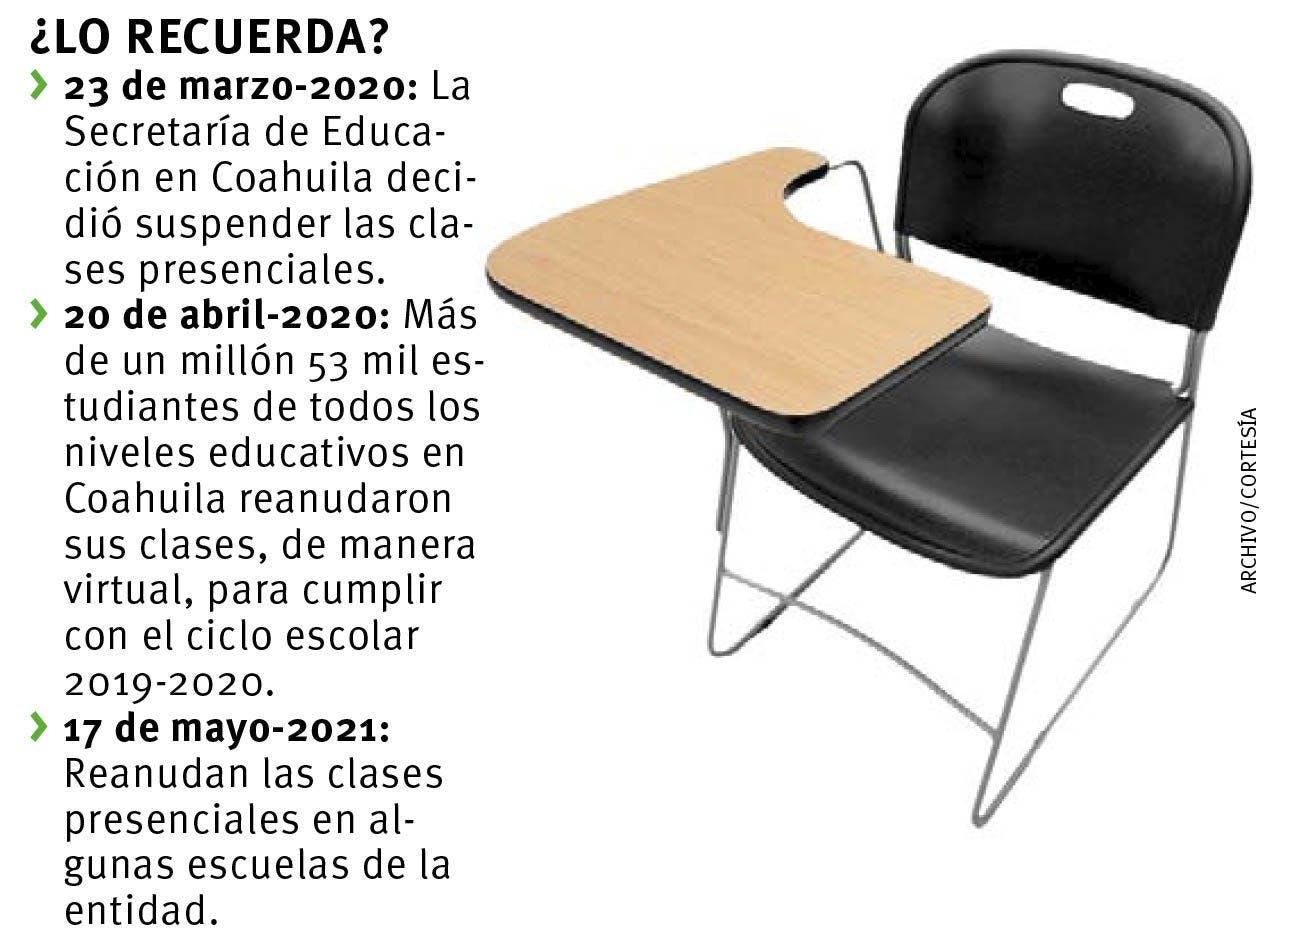 pandemia en las escuelas de Coahuila.